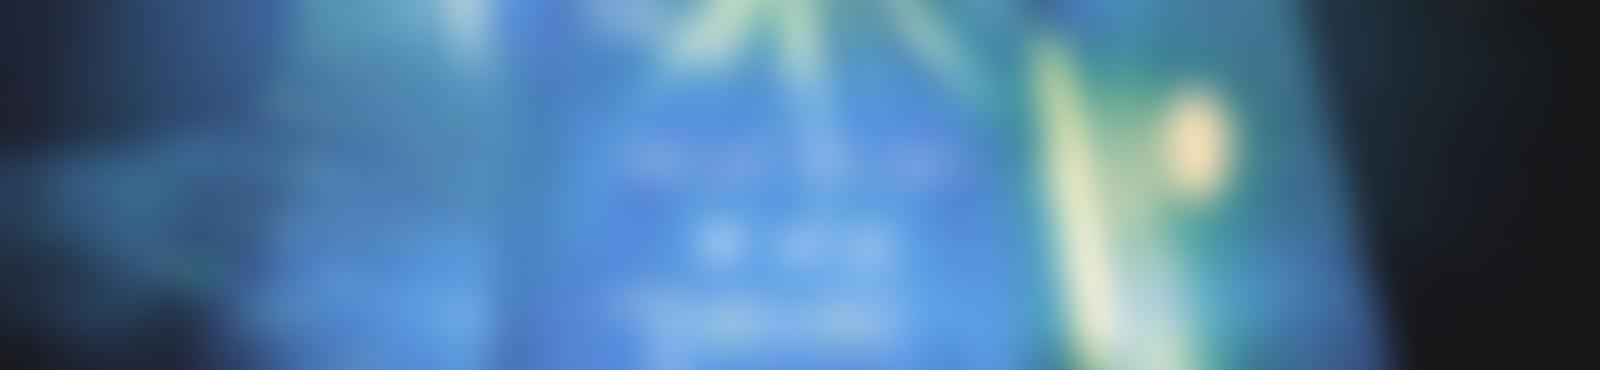 Blurred 14706844 955401294571865 5722318387880421599 o